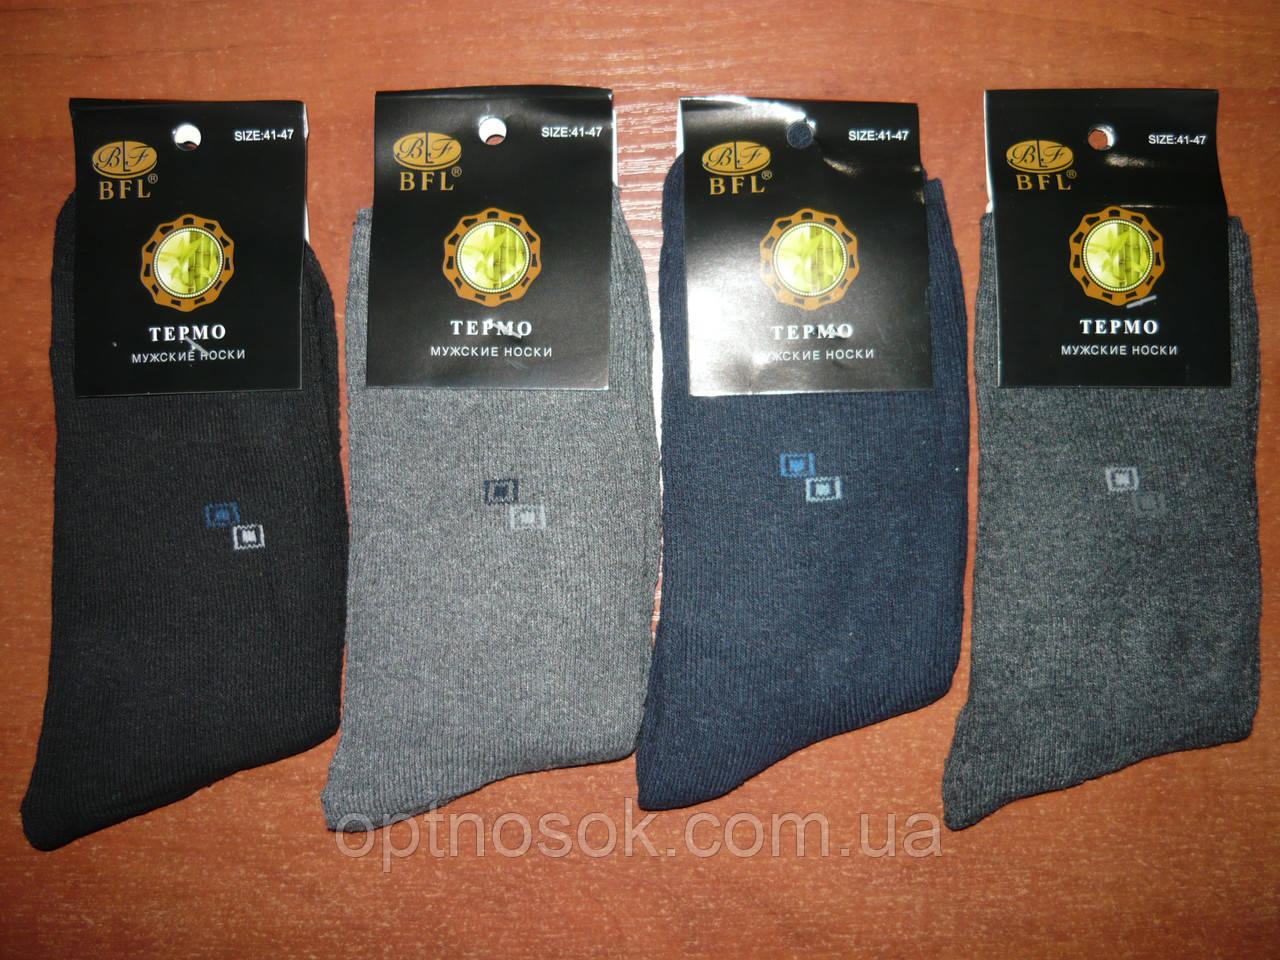 """Мужские махровые носки """"BFL"""". Хлопок. р. 41-47. Ассорти"""